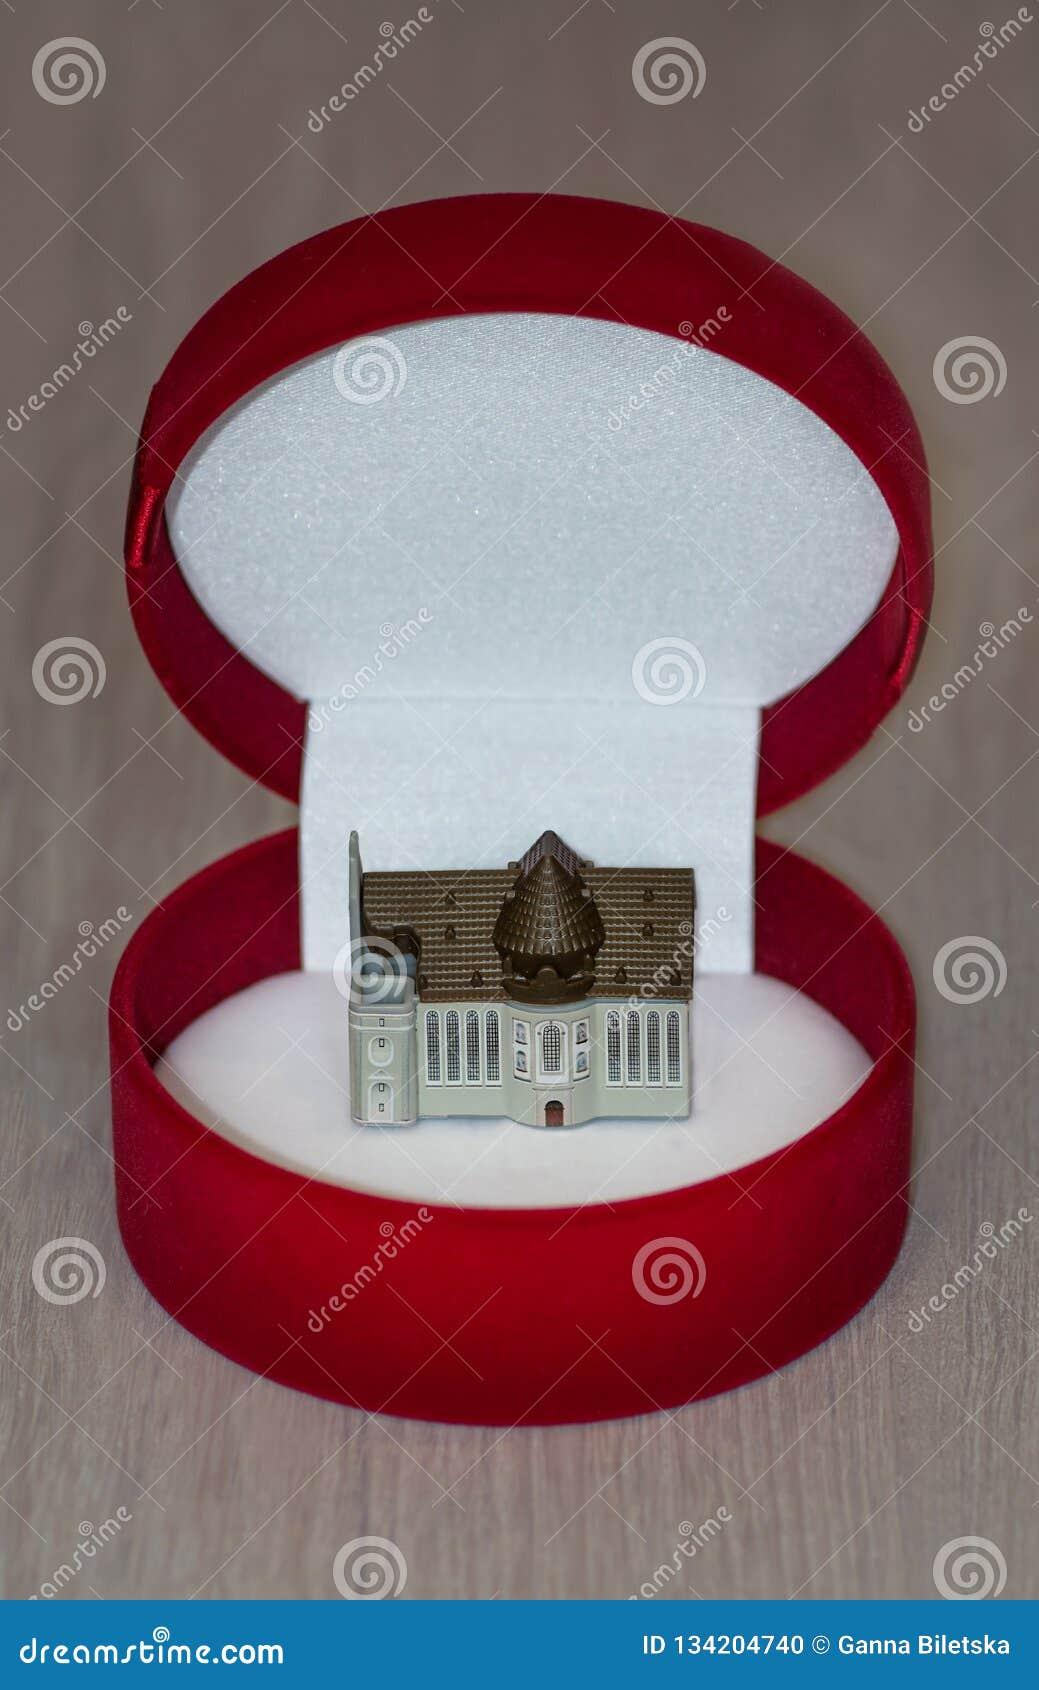 Villa in einer Geschenkbox, Erbschaft, geben Kaufen Sie ein Haus auf Kredit oder Hypothek Gehäuse für Miete Eigentum als Geschenk